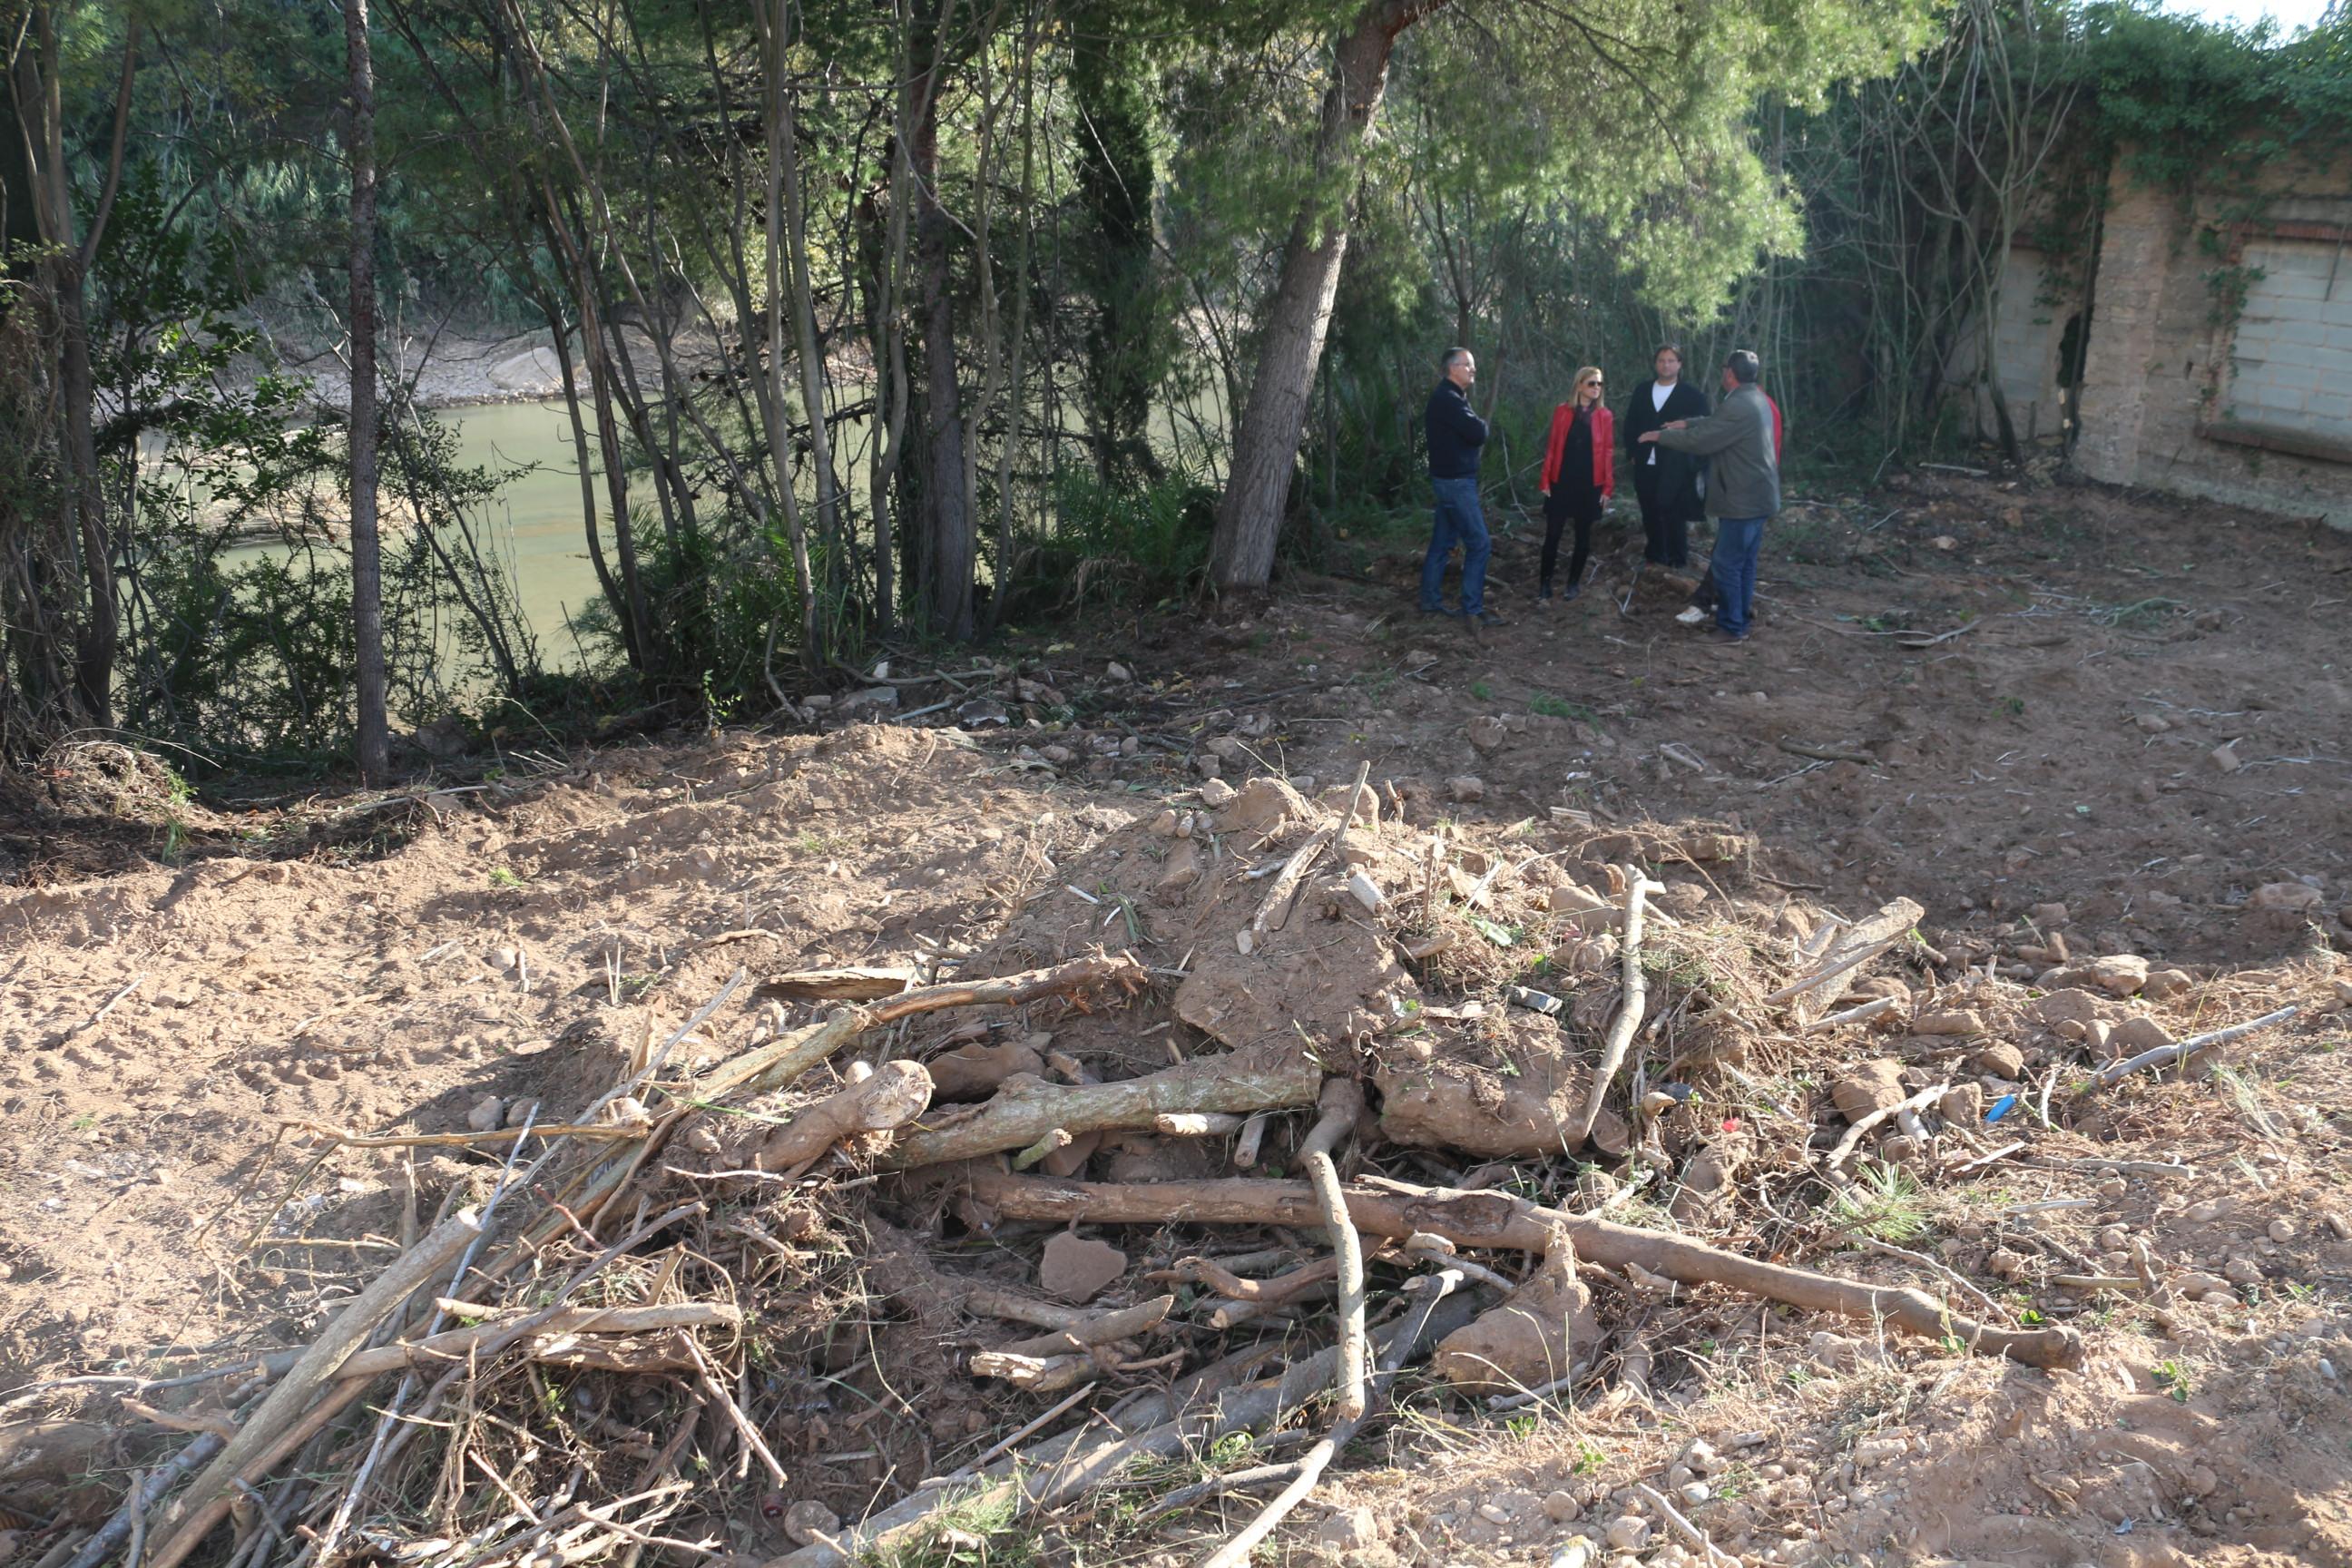 El Consorcio del Paisaje Protegido del Mijares reparará el tramo de senda dañado por la crecida del río cuando baje el caudal